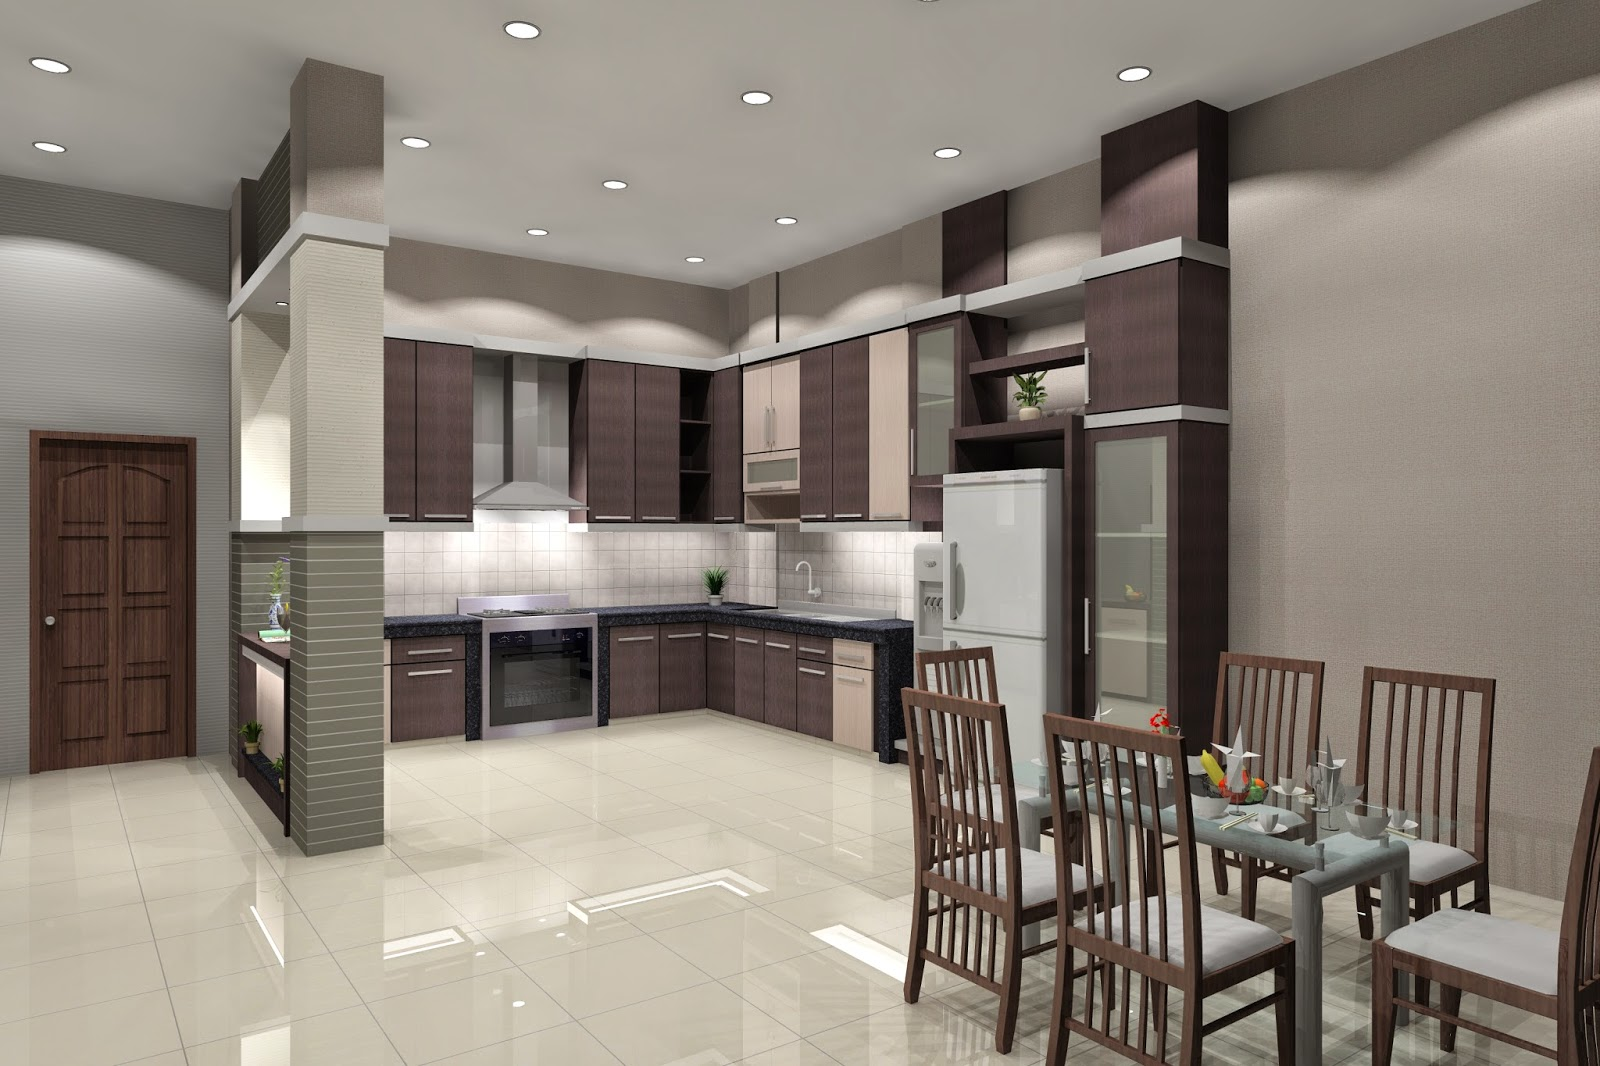 Lantai Keramik Granit di Dapur Rumah